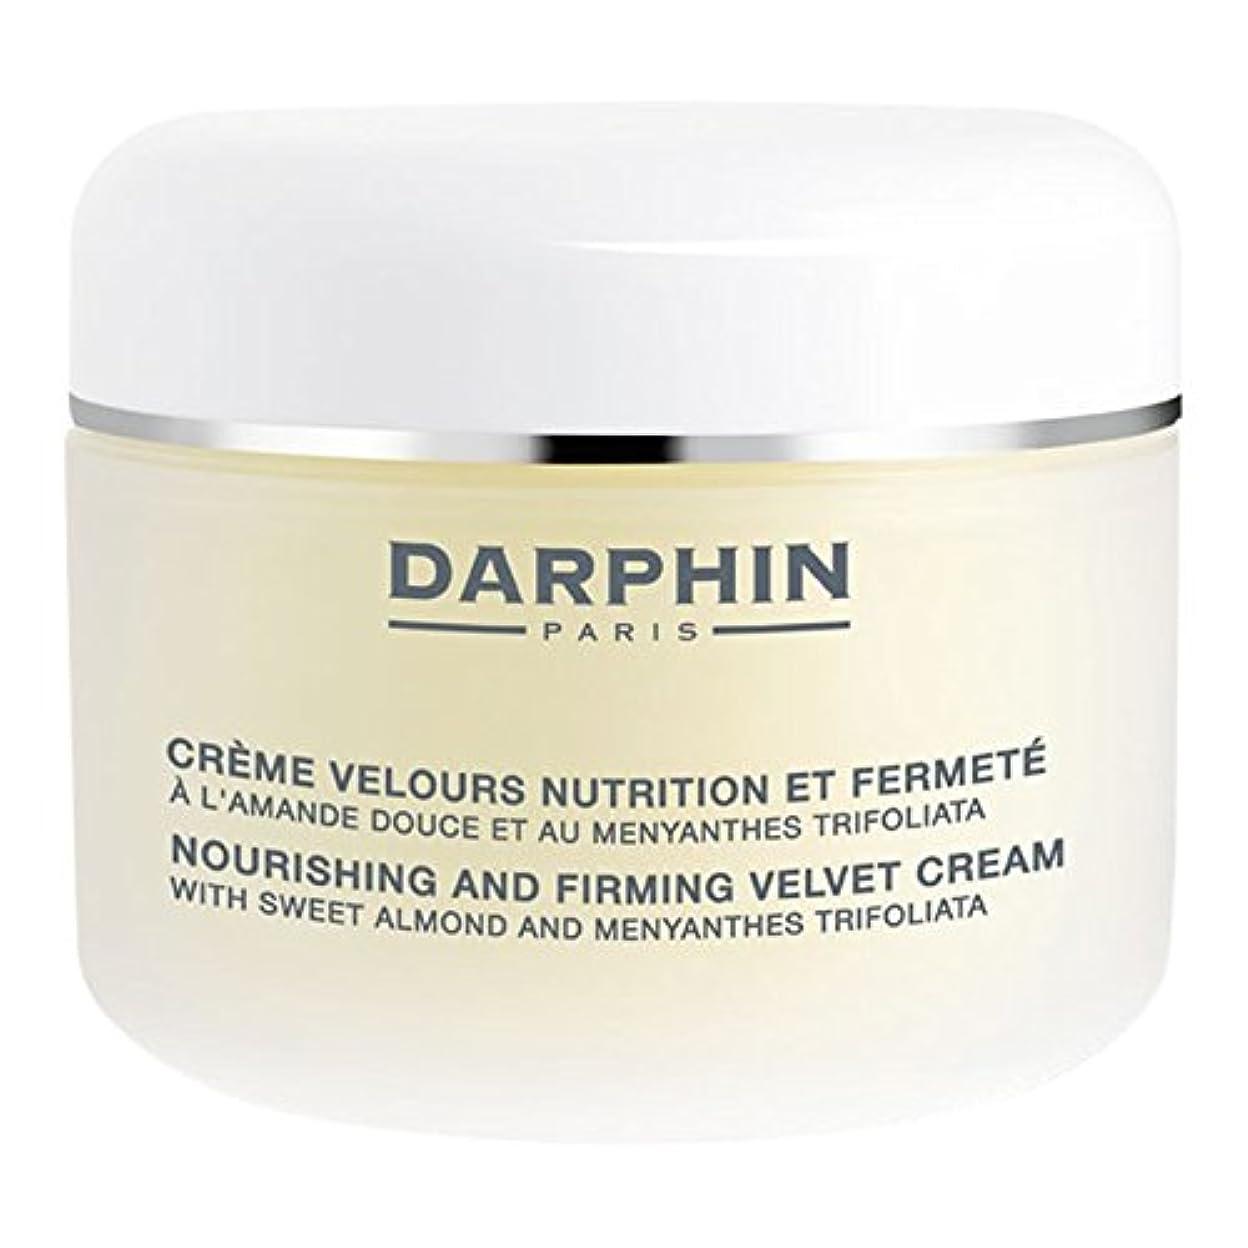 洗剤アリレンド栄養と引き締めベルベットのクリーム200ミリリットルをダルファン (Darphin) (x2) - Darphin Nourishing and Firming Velvet Cream 200ml (Pack of 2) [並行輸入品]